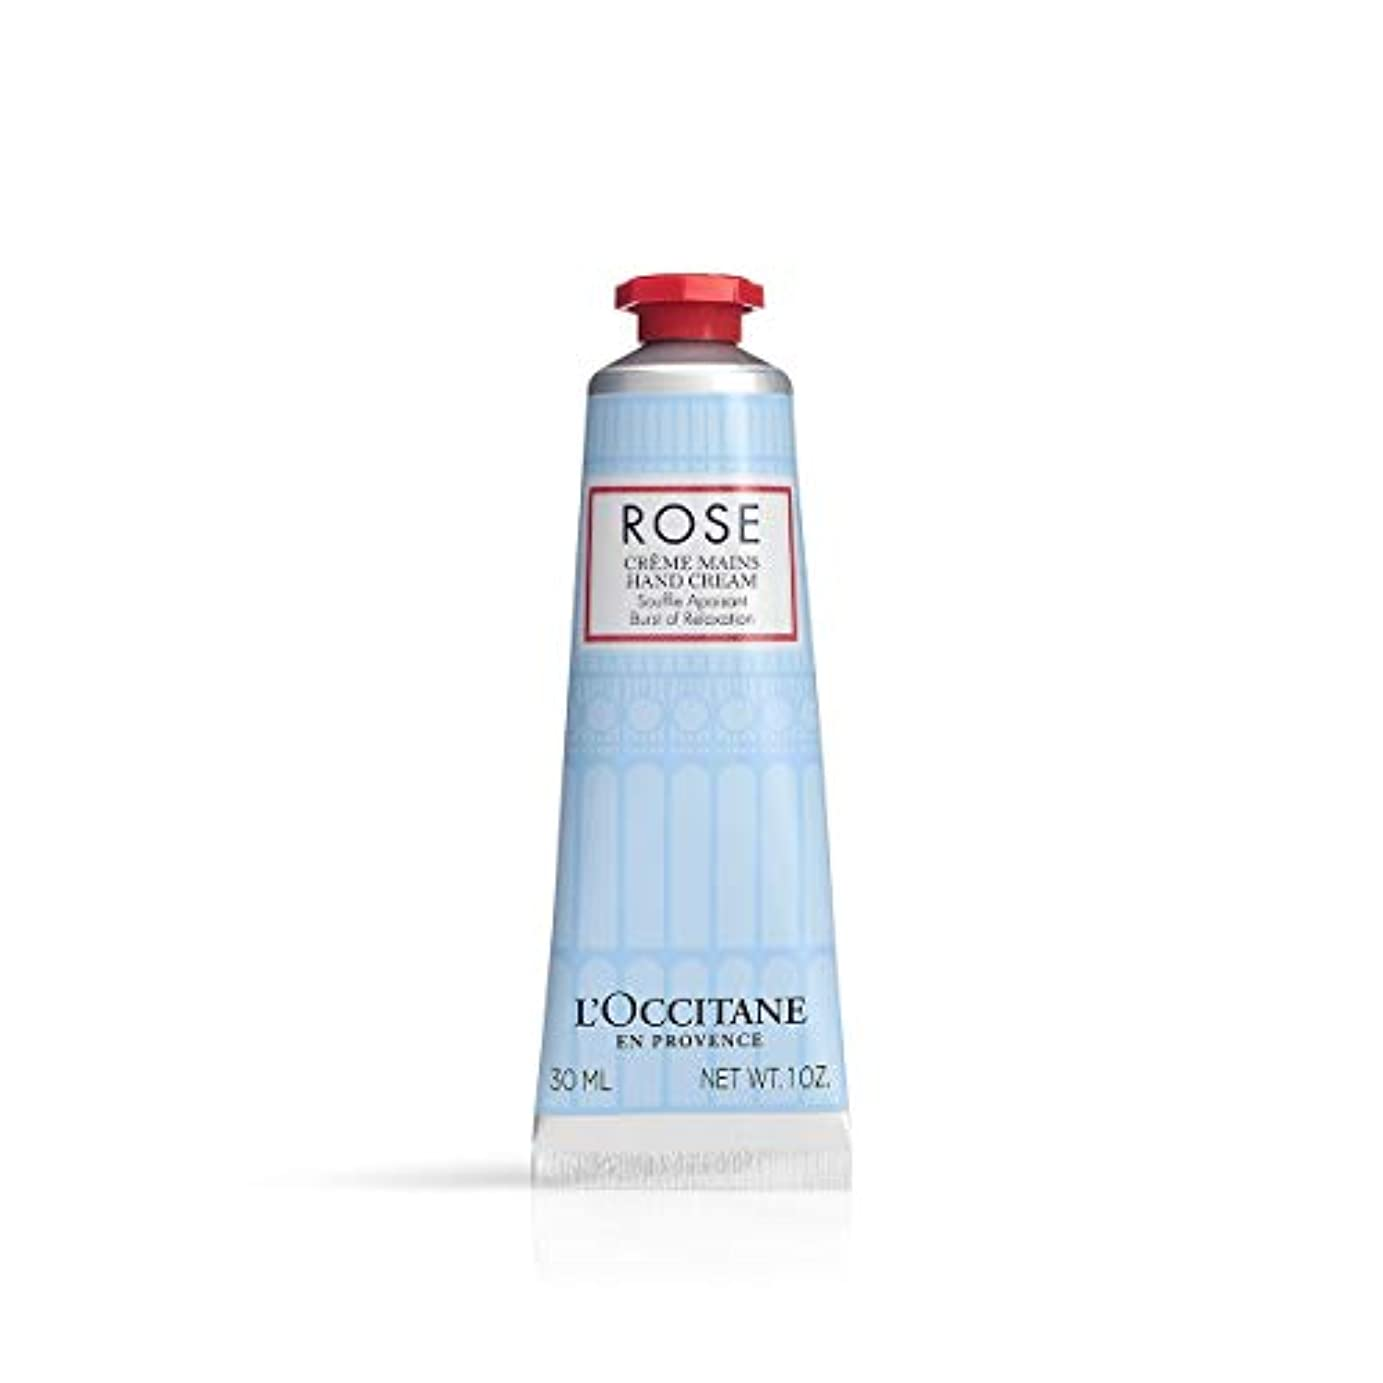 抽象利用可能エステートロクシタン(L'OCCITANE) ローズカモミール ハンドクリーム ボディクリーム アクアティックフローラル 30ml